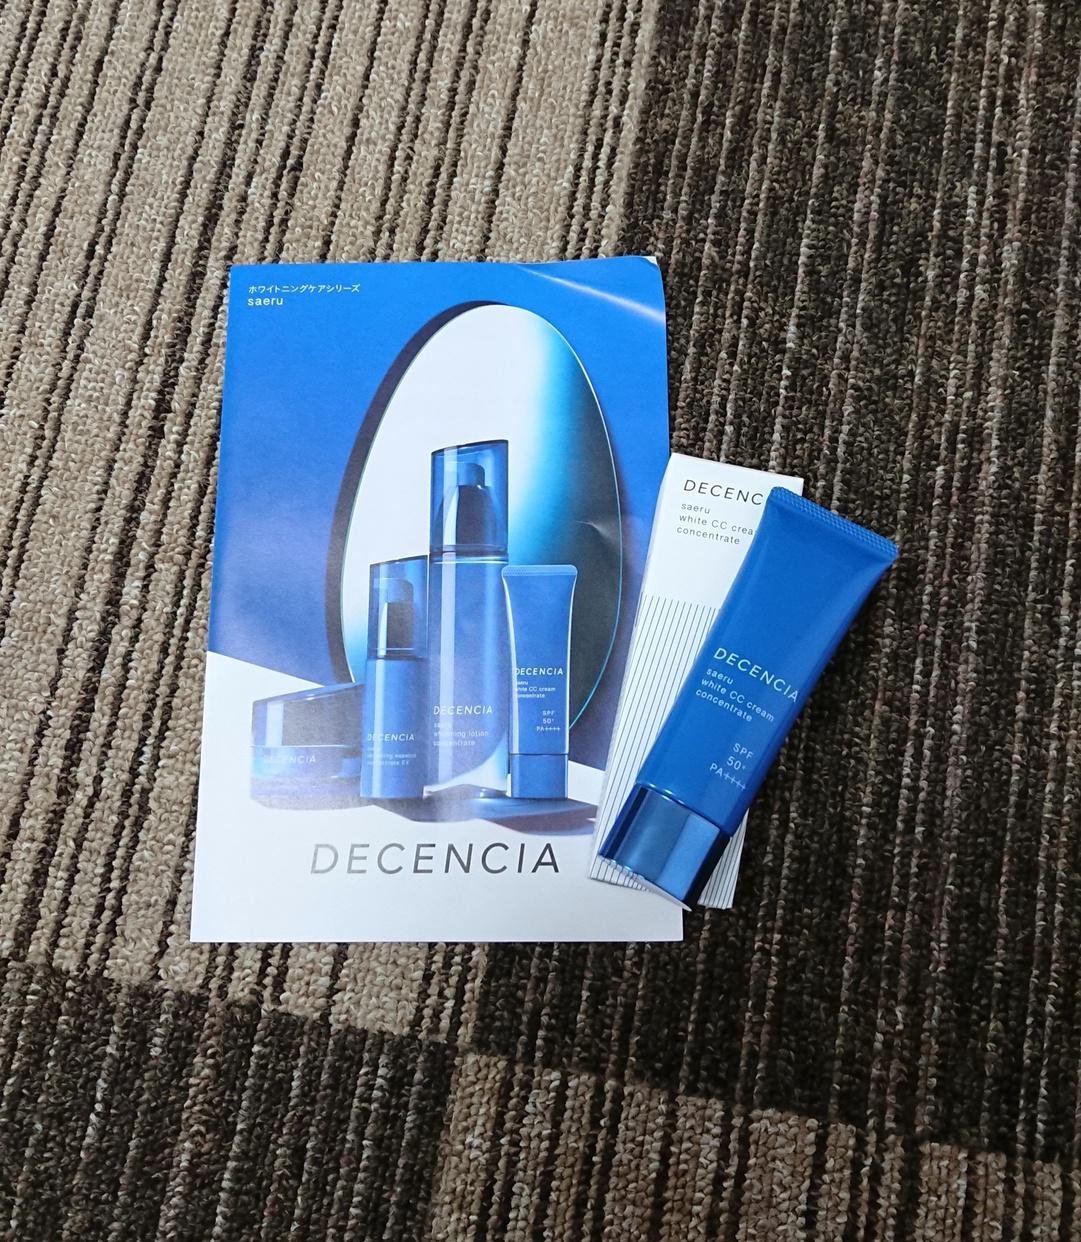 DECENCIA(ディセンシア)サエル ホワイト CCクリーム コンセントレートを使った恵未さんのクチコミ画像1